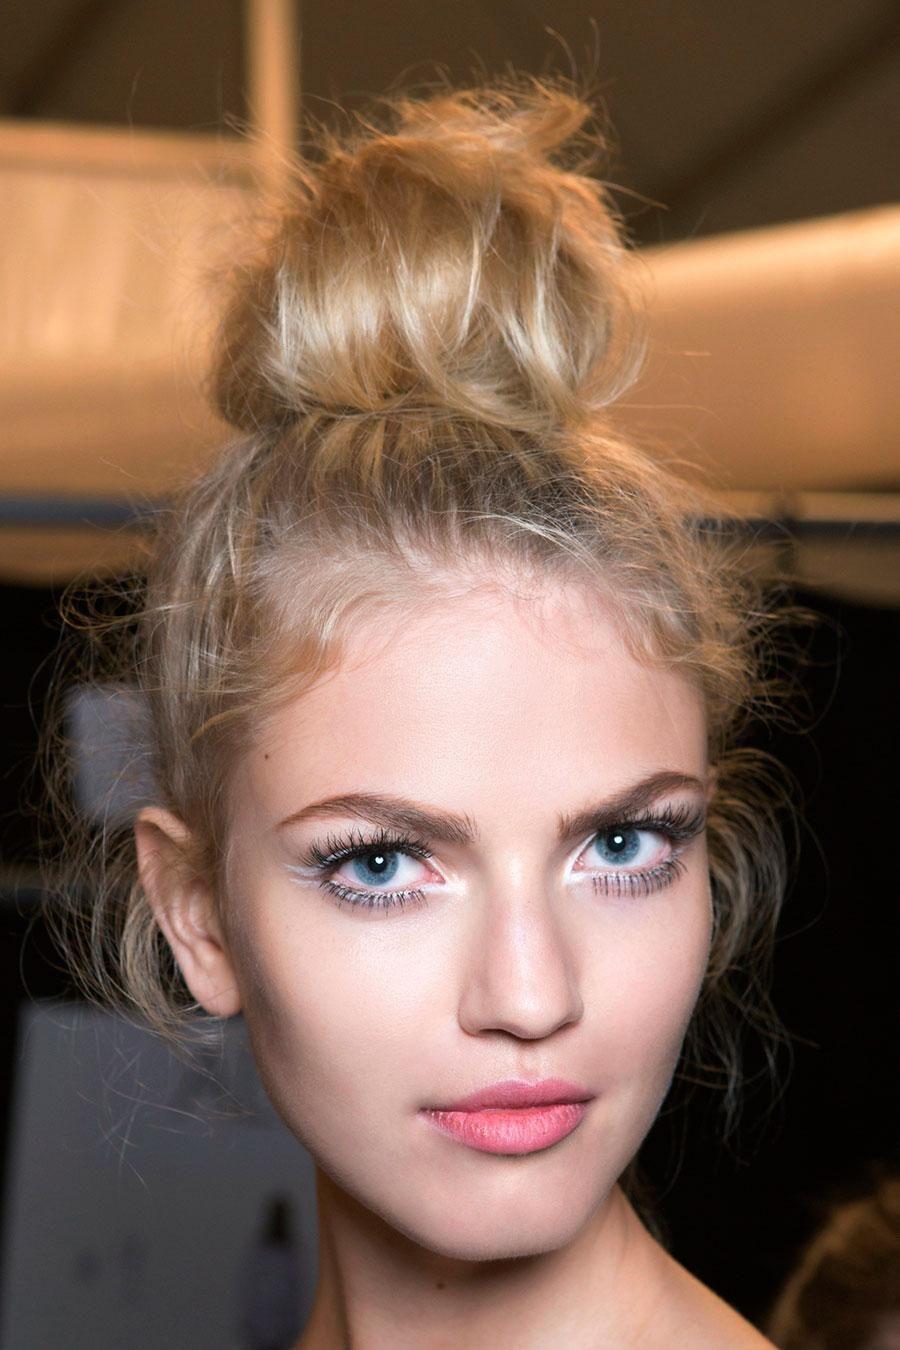 Hair Bun Ideas for a Sweat-Free Hair Look This Summer